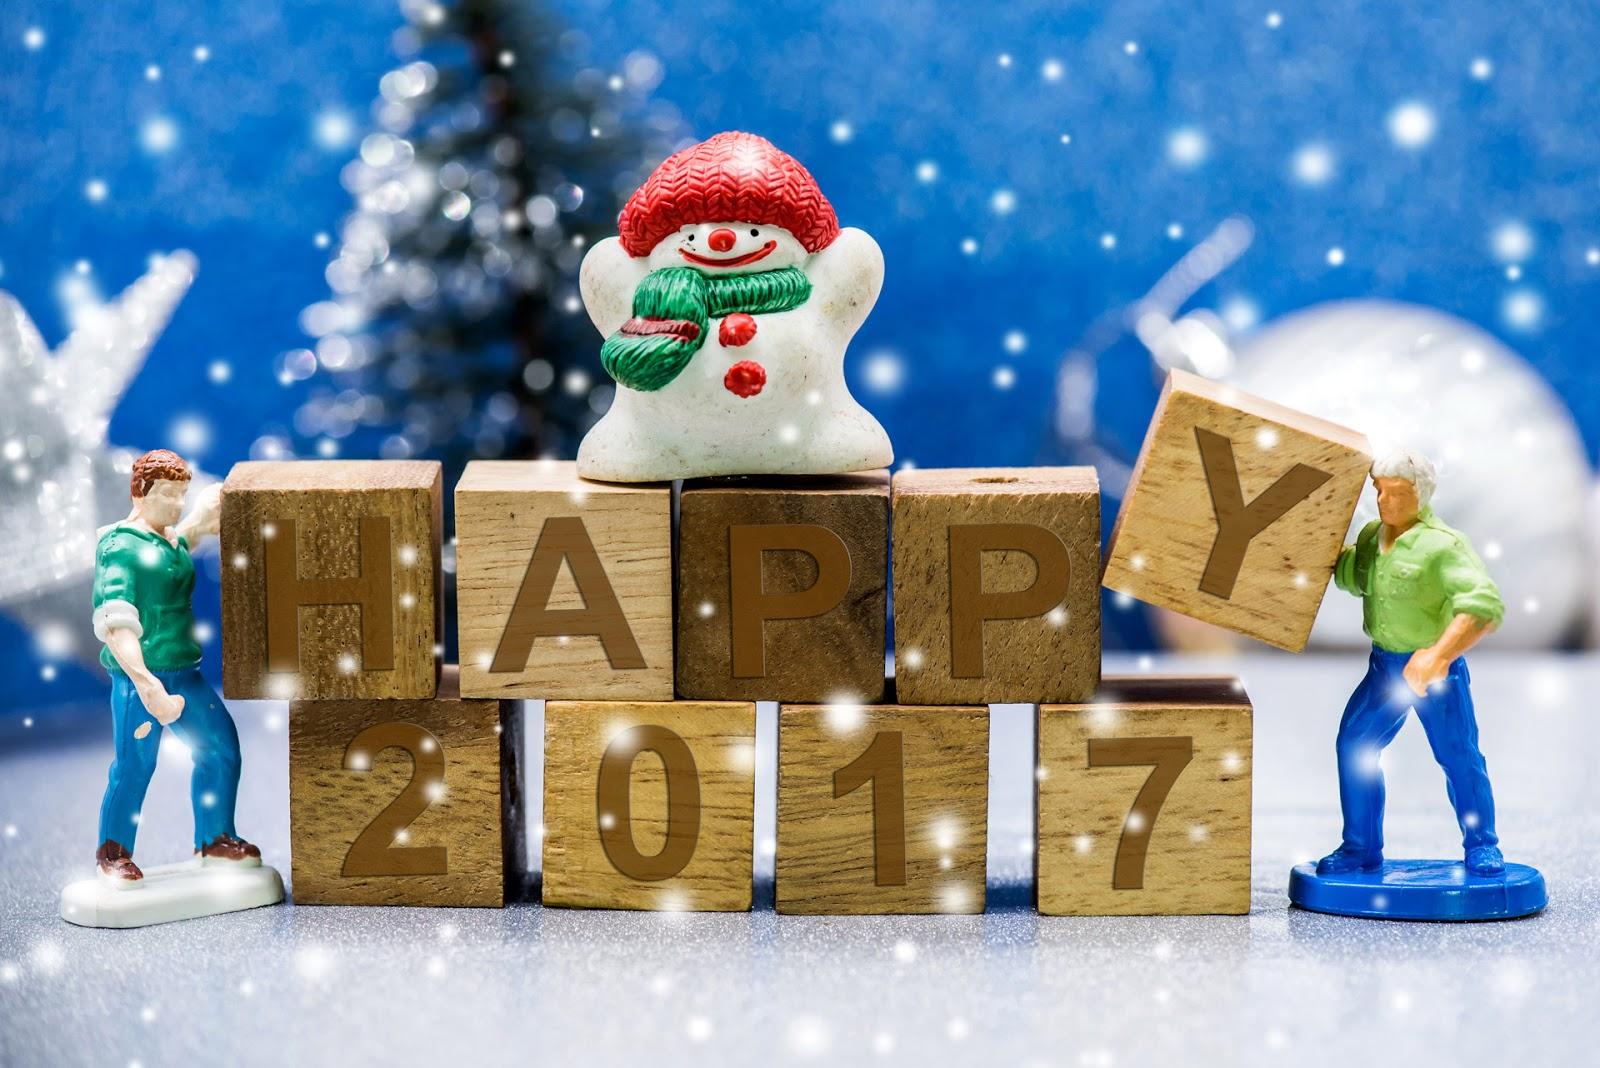 Hình nền tết 2017 đẹp chào đón năm mới - hình 02